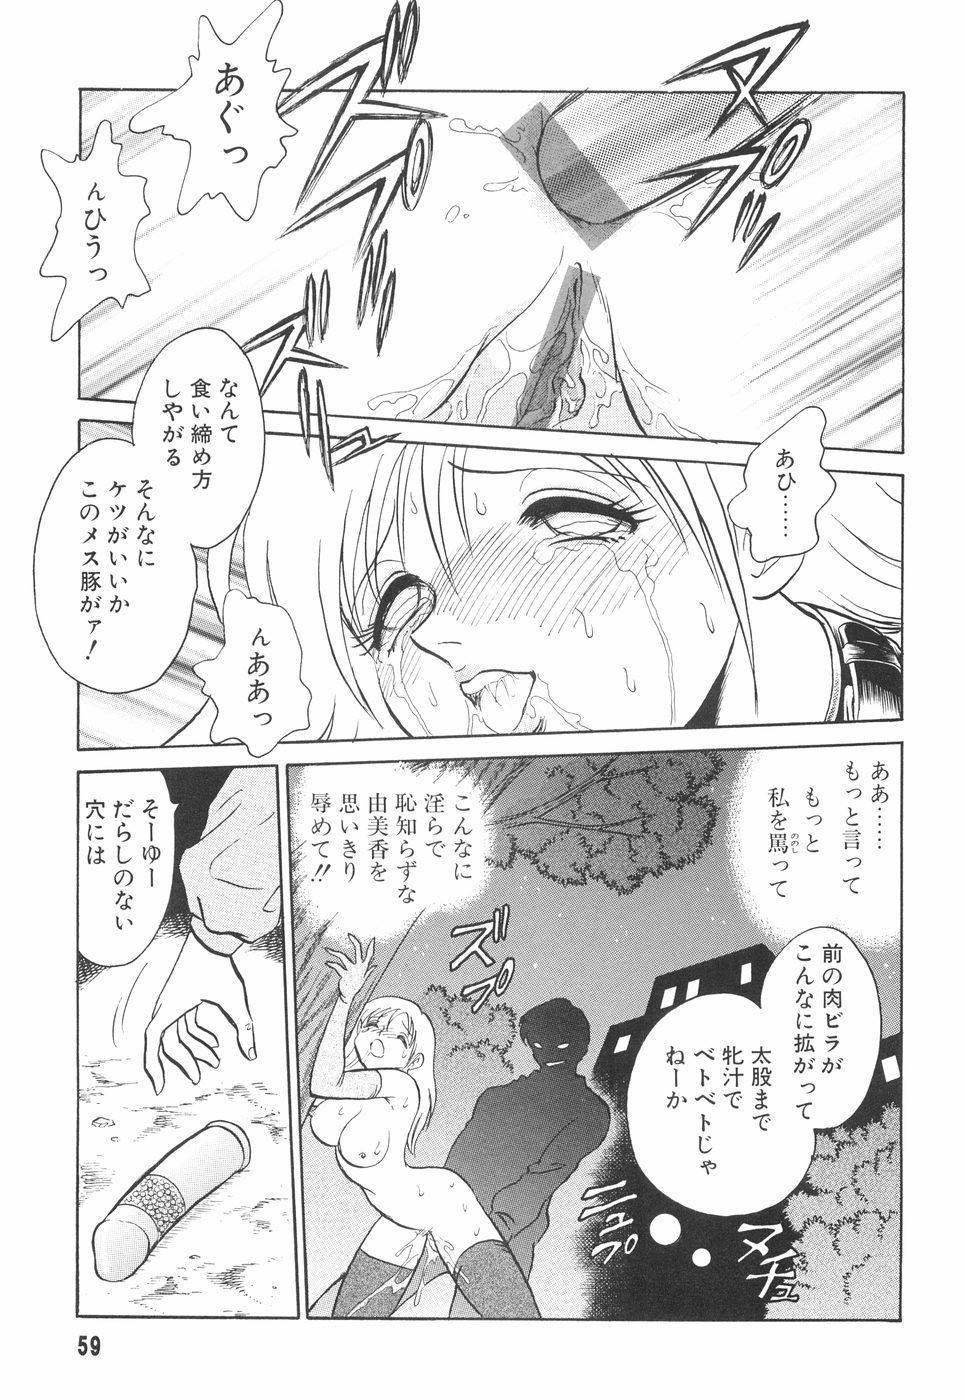 Hazukashime no Jikan 59